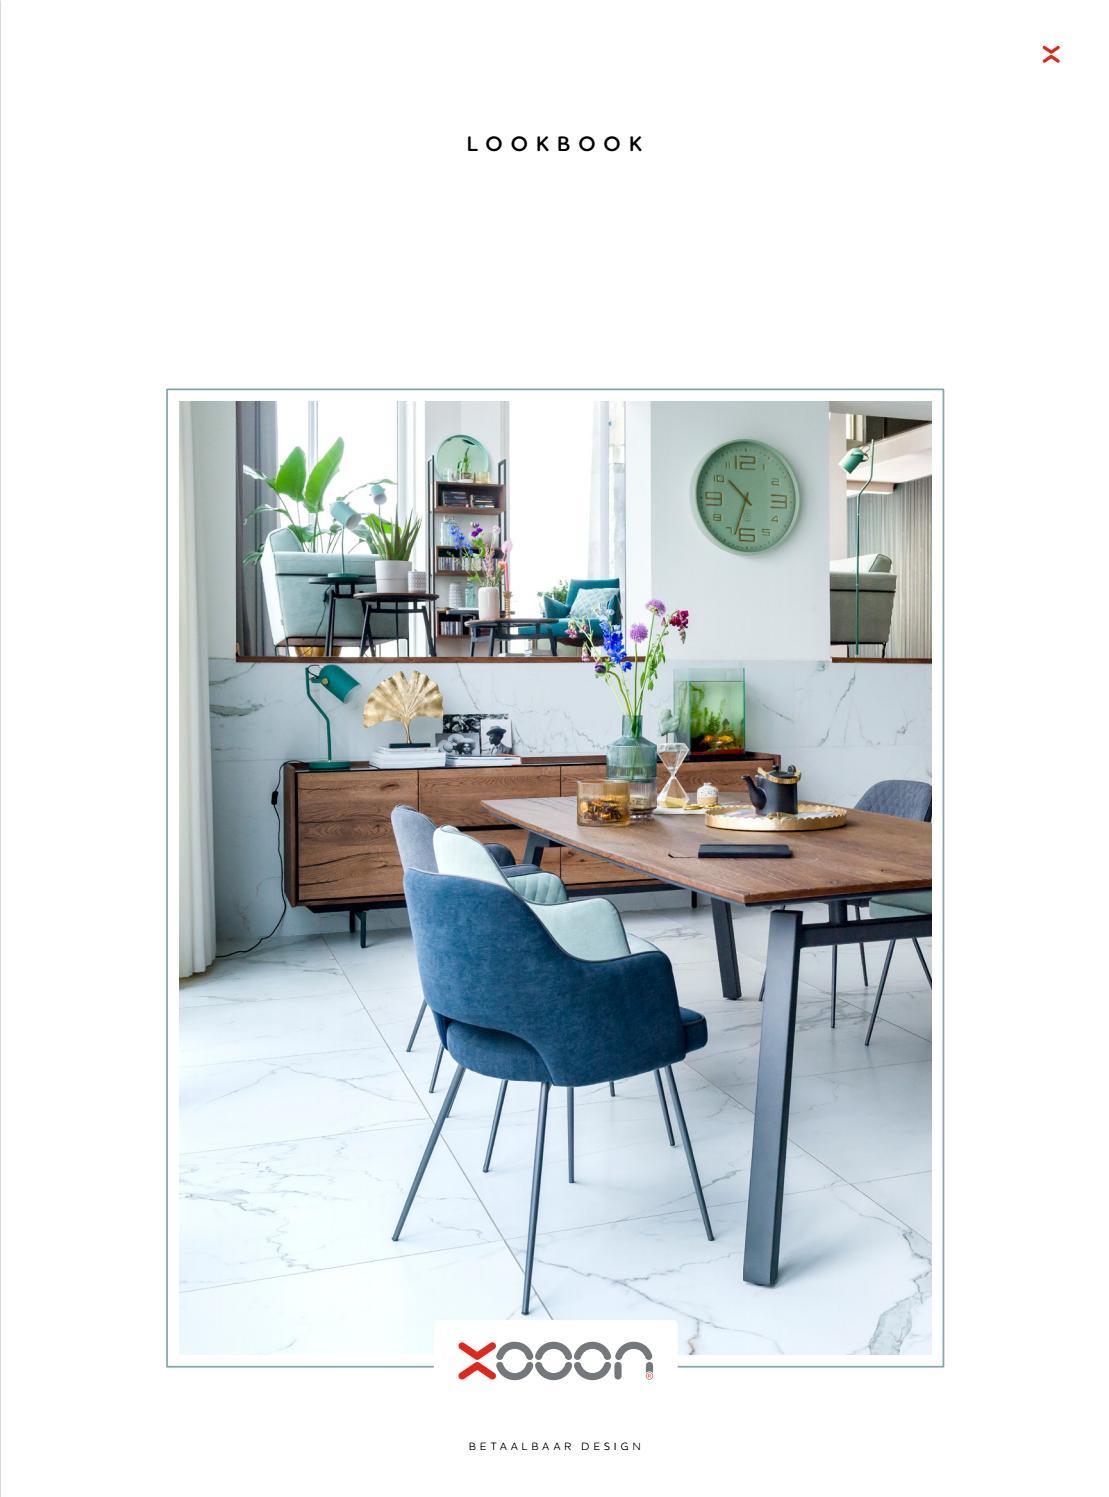 Eetbank Huis En Inrichting.Xooon Lookbook Voorjaar 2019 By Home Center Issuu